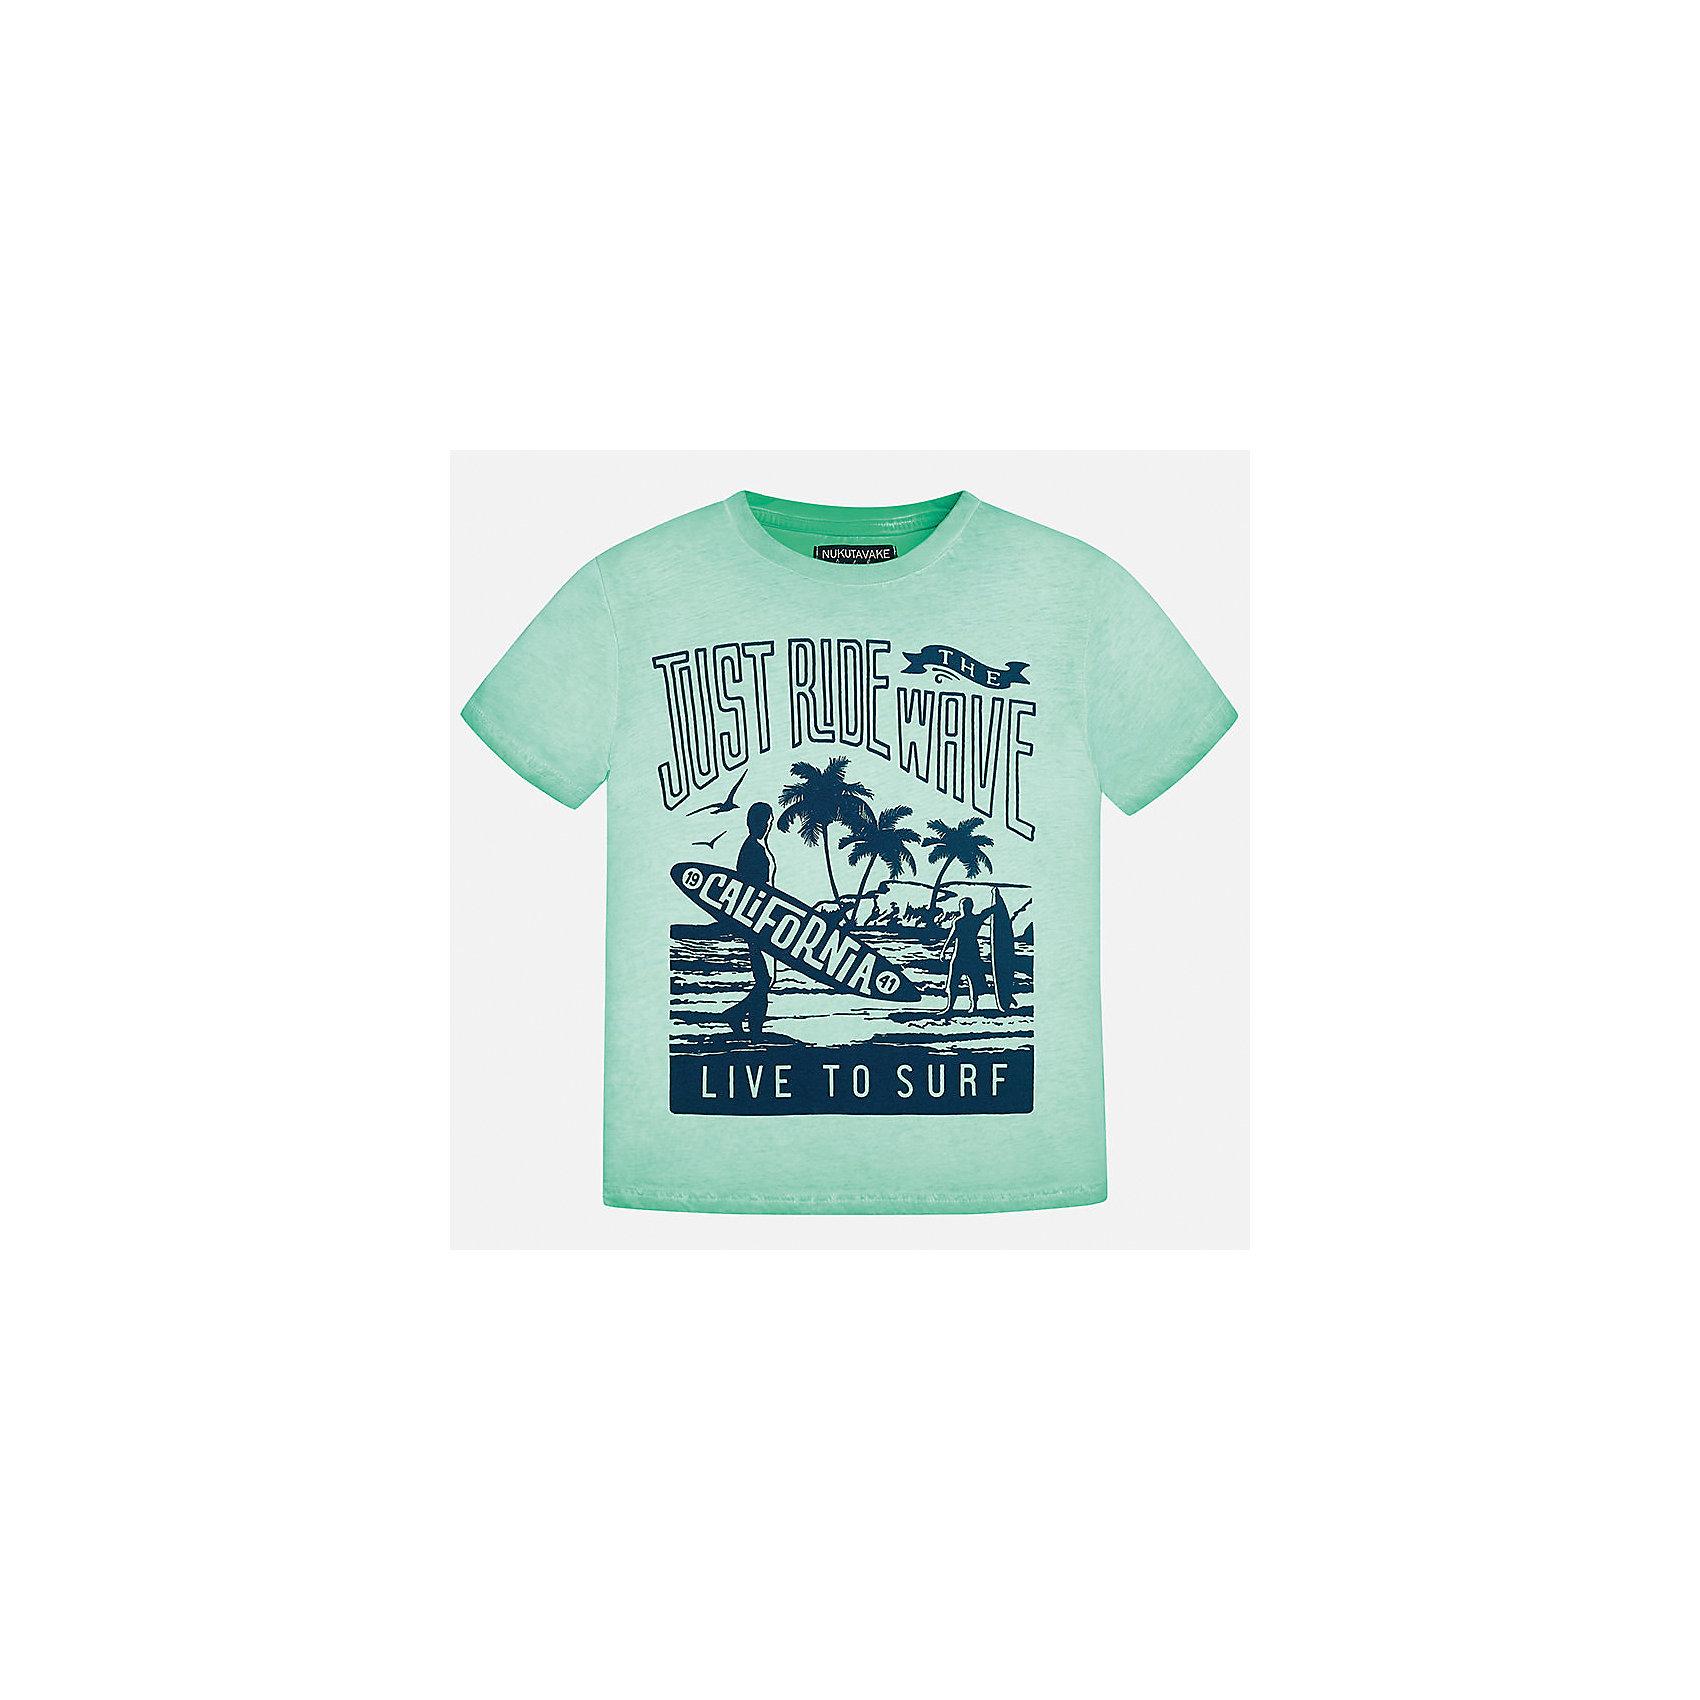 Футболка для мальчика MayoralФутболки, поло и топы<br>Характеристики товара:<br><br>• цвет: мятный<br>• состав: 100% хлопок<br>• принт<br>• комфортная посадка<br>• короткие рукава<br>• округлый горловой вырез<br>• страна бренда: Испания<br><br>Стильная качественная футболка для мальчика поможет разнообразить гардероб ребенка и украсить наряд. В составе ткани преобладает натуральный хлопок, гипоаллергенный, приятный на ощупь, дышащий.<br><br>Футболку для мальчика от испанского бренда Mayoral (Майорал) можно купить в нашем интернет-магазине.<br><br>Ширина мм: 199<br>Глубина мм: 10<br>Высота мм: 161<br>Вес г: 151<br>Цвет: голубой<br>Возраст от месяцев: 144<br>Возраст до месяцев: 156<br>Пол: Мужской<br>Возраст: Детский<br>Размер: 158,128/134,140,152<br>SKU: 5587470